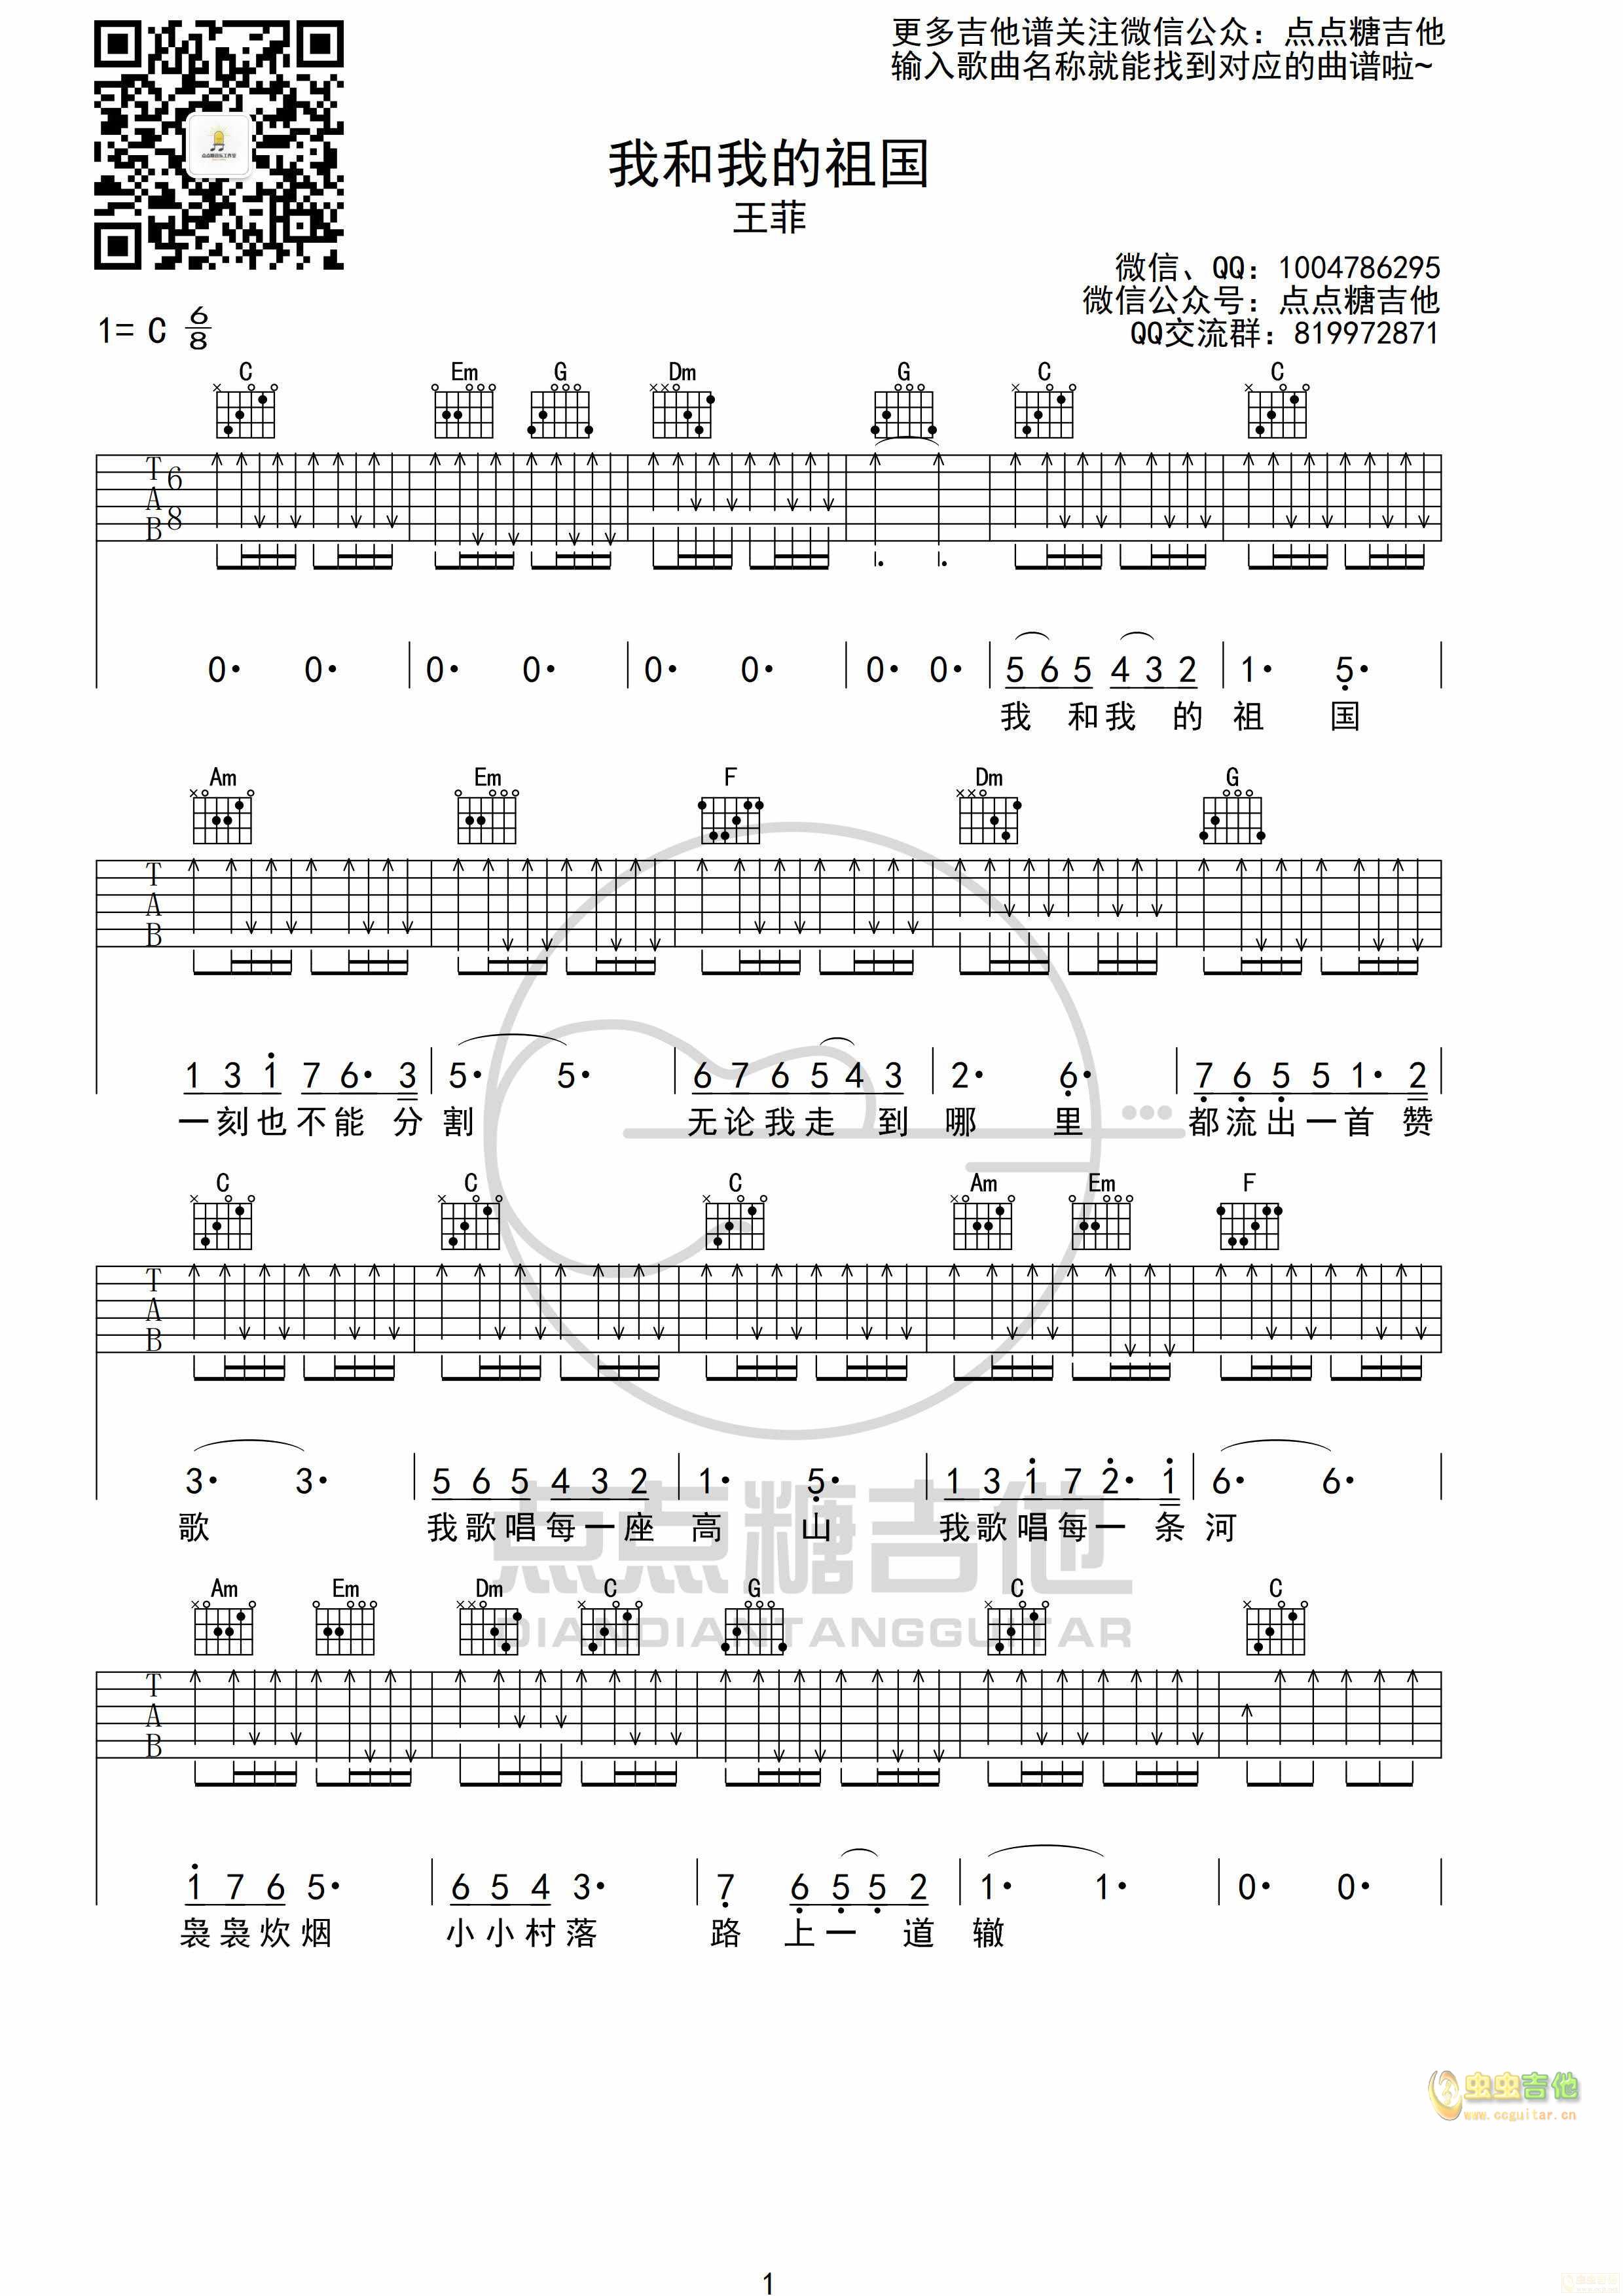 《我和我的祖国》_吉他谱-C大调音乐网